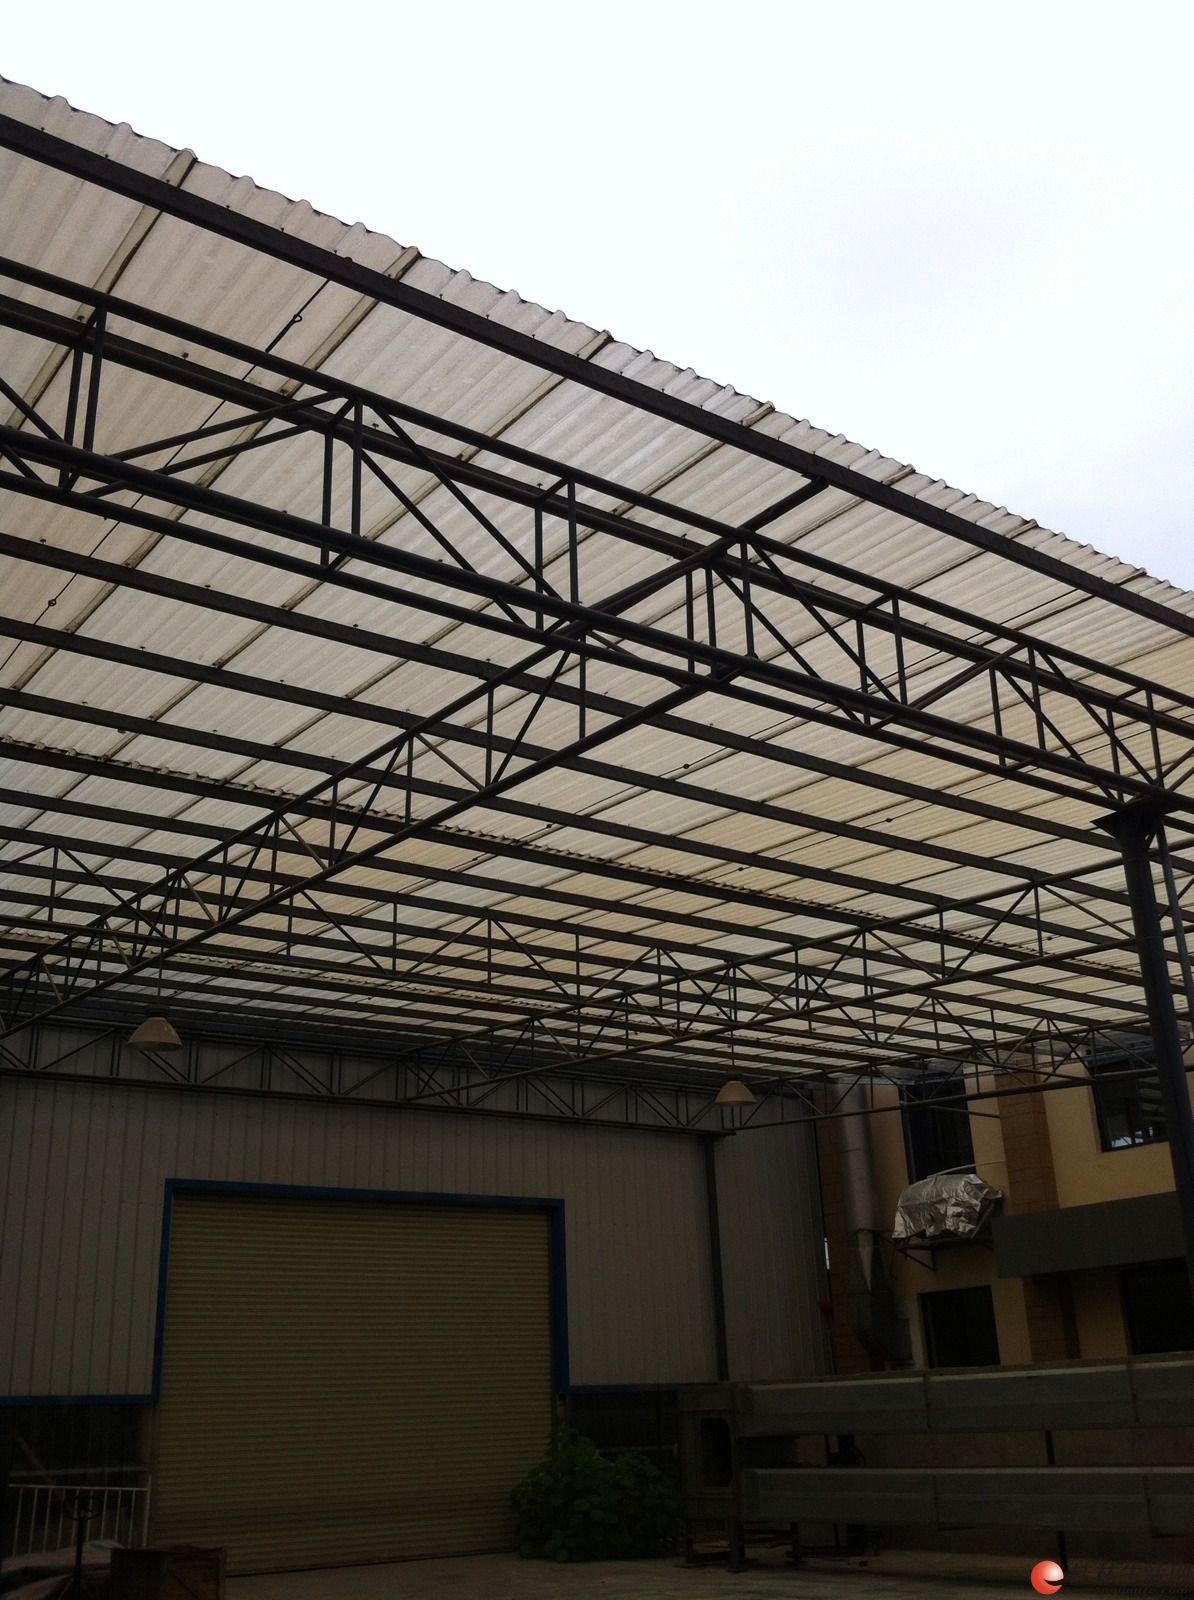 专业制作钢架结构楼面雨棚,停车棚,玻璃棚,彩钢瓦厂房